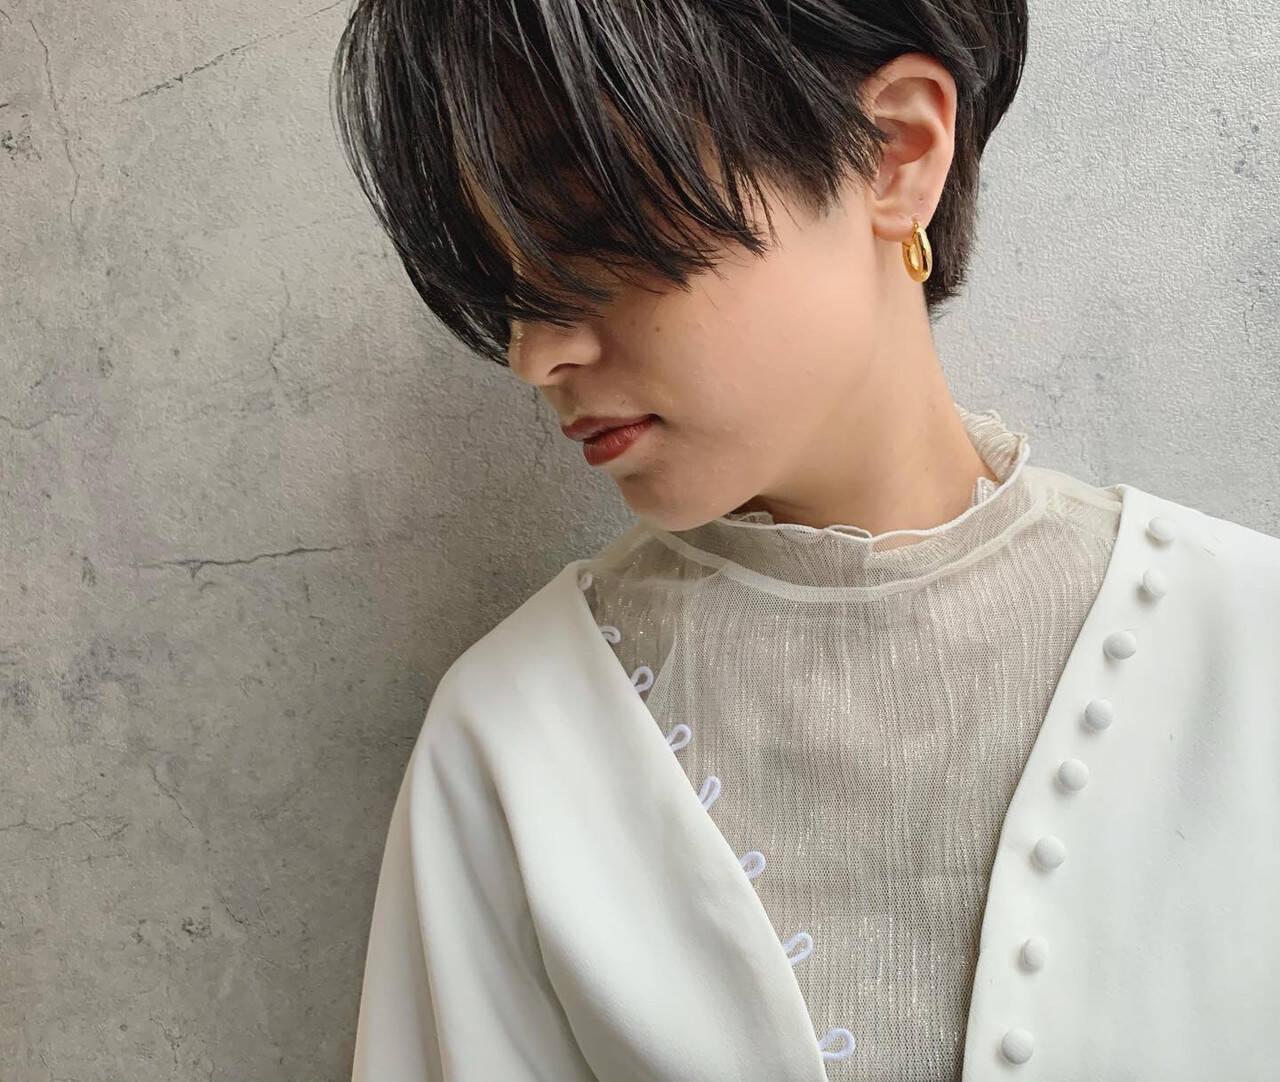 ハンサムショート ショートヘア 暗髪 ショートヘアスタイルや髪型の写真・画像